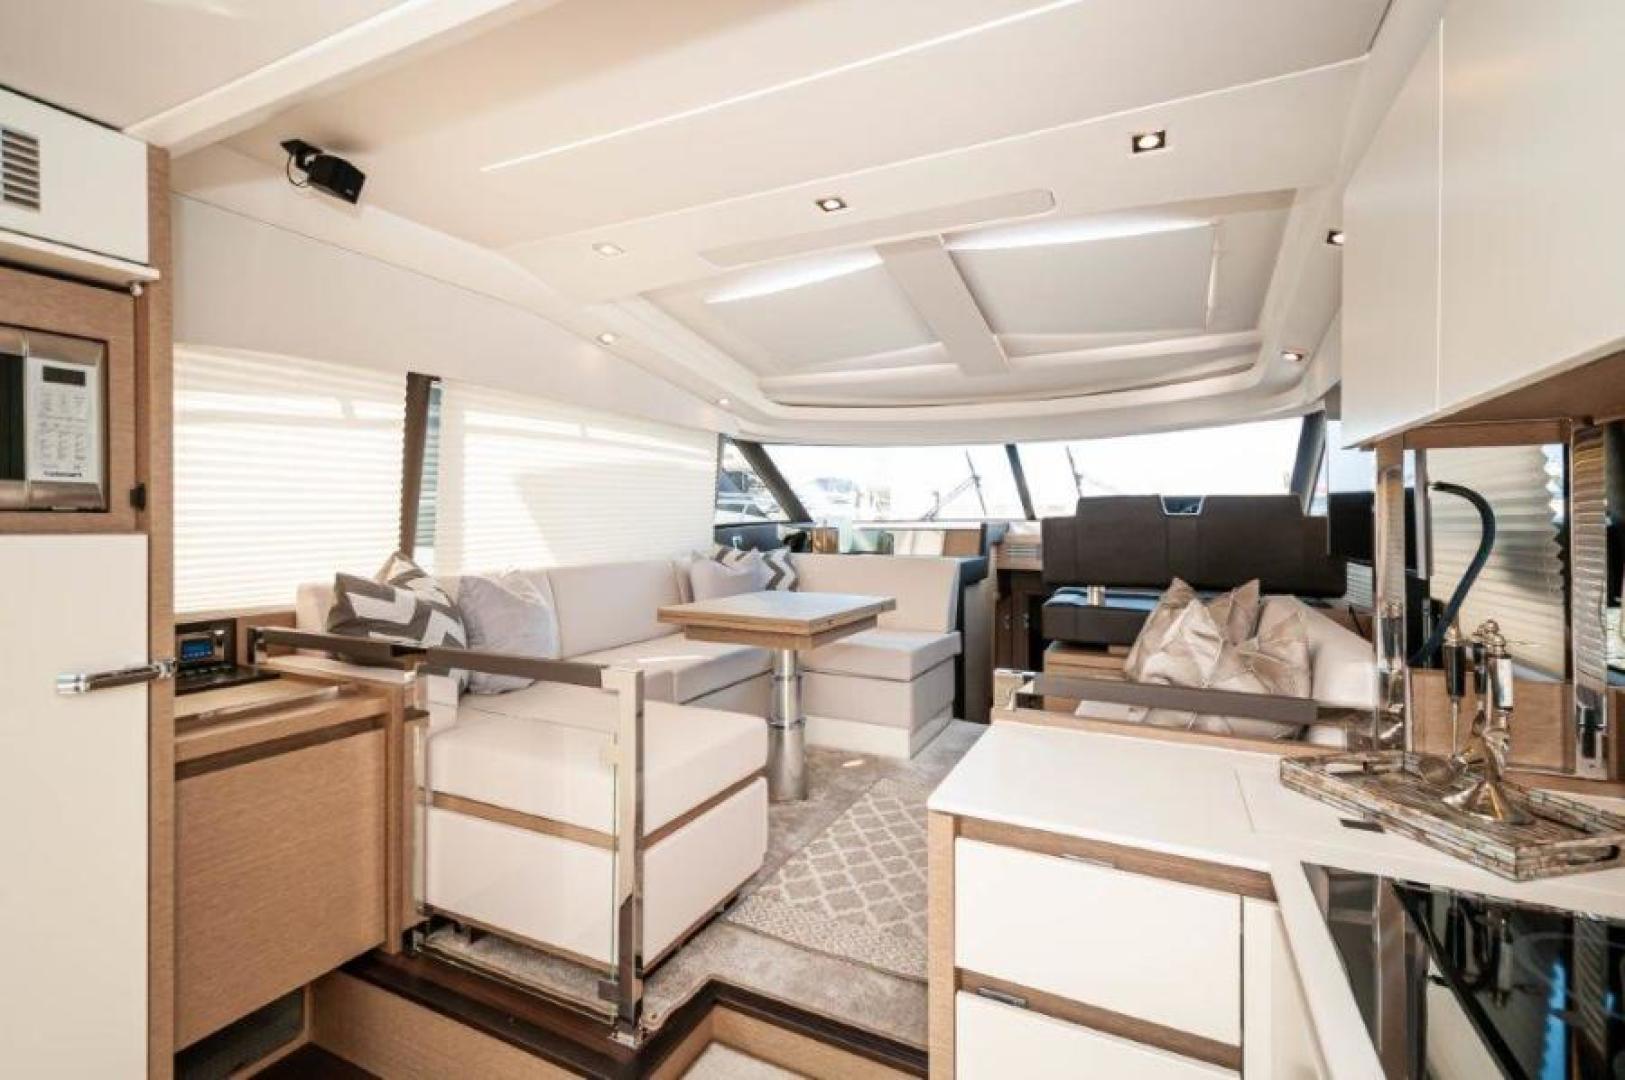 Prestige-460 S 2018-Unforgettable St Petersburg-Florida-United States-2018 Prestige 460 S Yacht  Unforgettable -Salon-1444316   Thumbnail